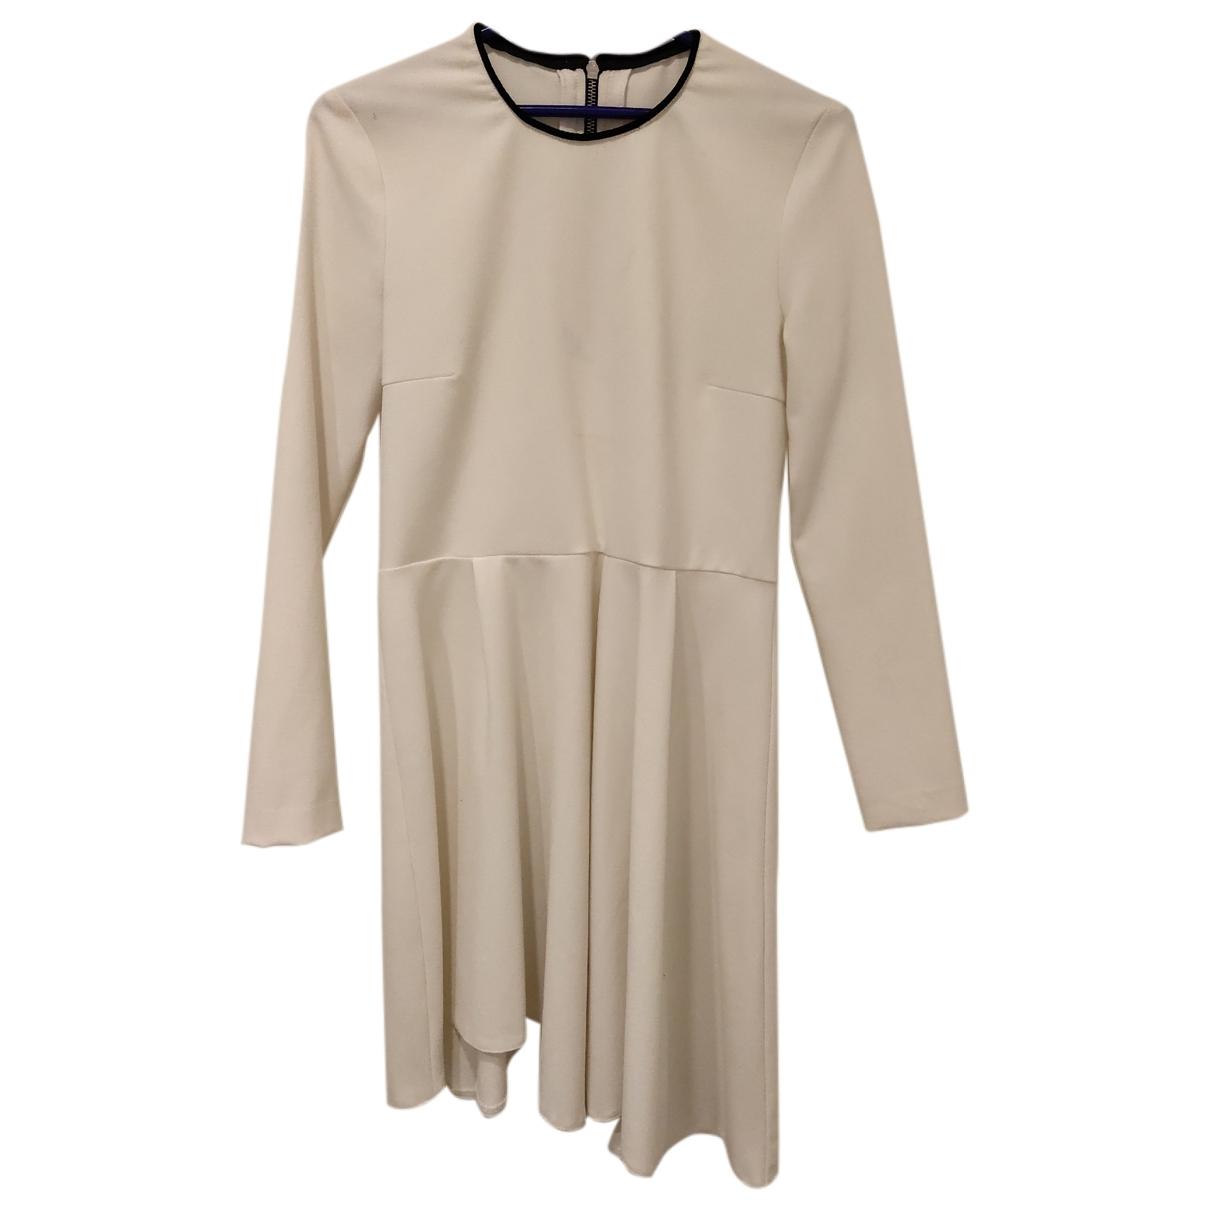 Maje \N White dress for Women S International